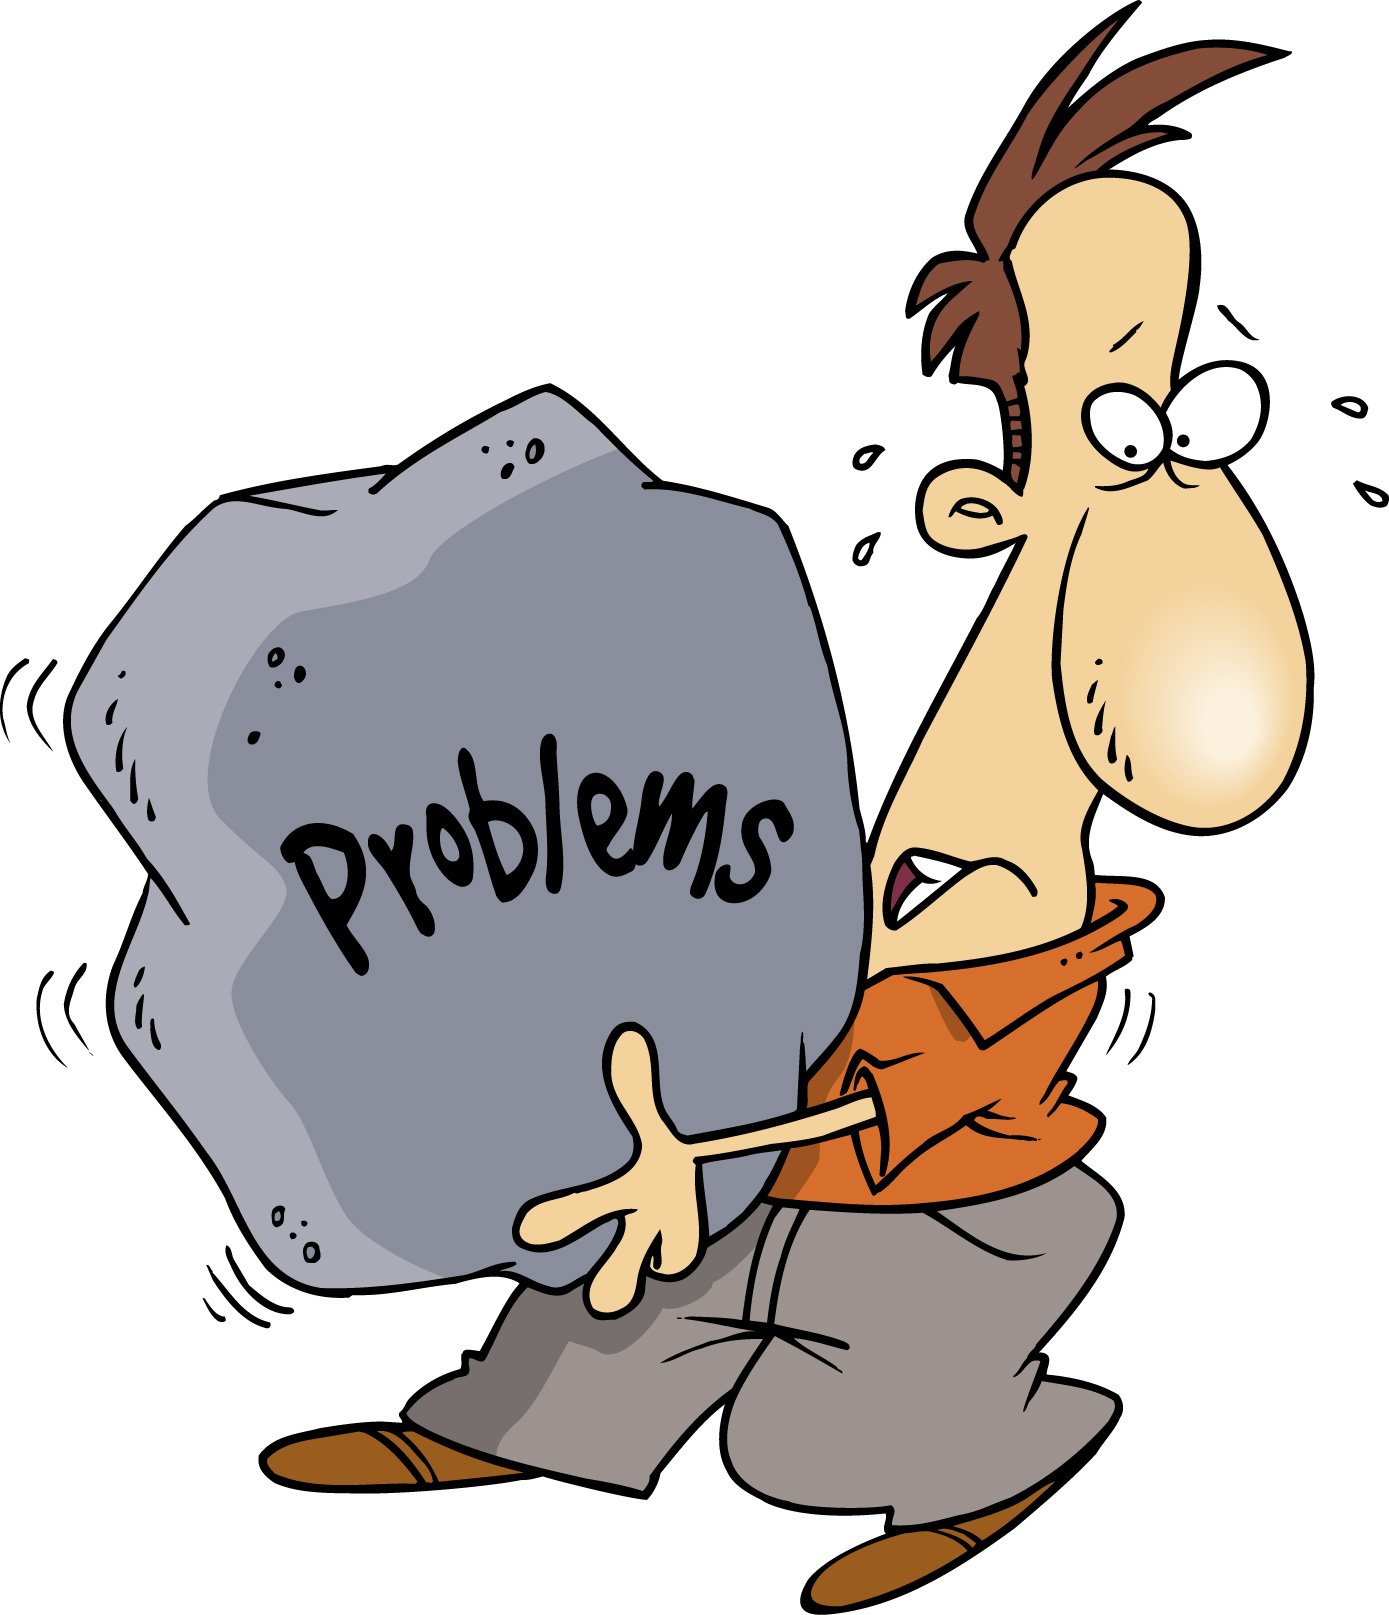 صورة احلى الكلام يقال عن الابتعاد عن المشاكل